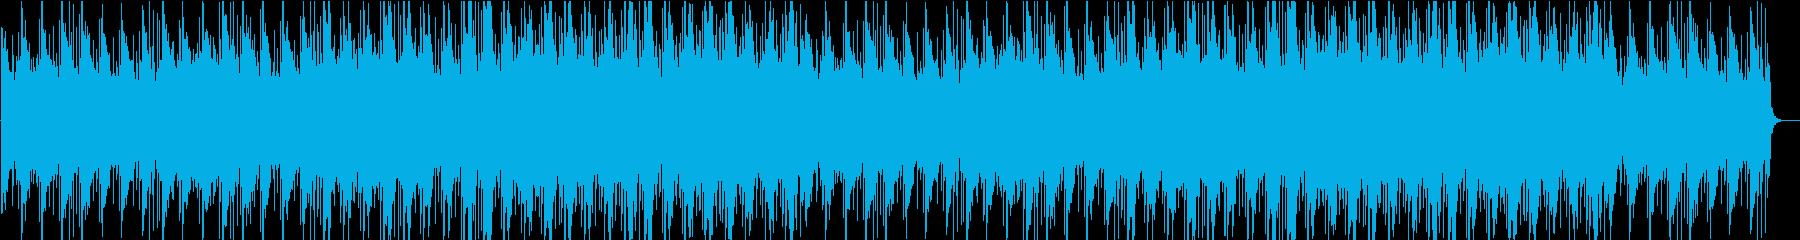 希望・青春・光・ピアノ・ポップ・明るいの再生済みの波形